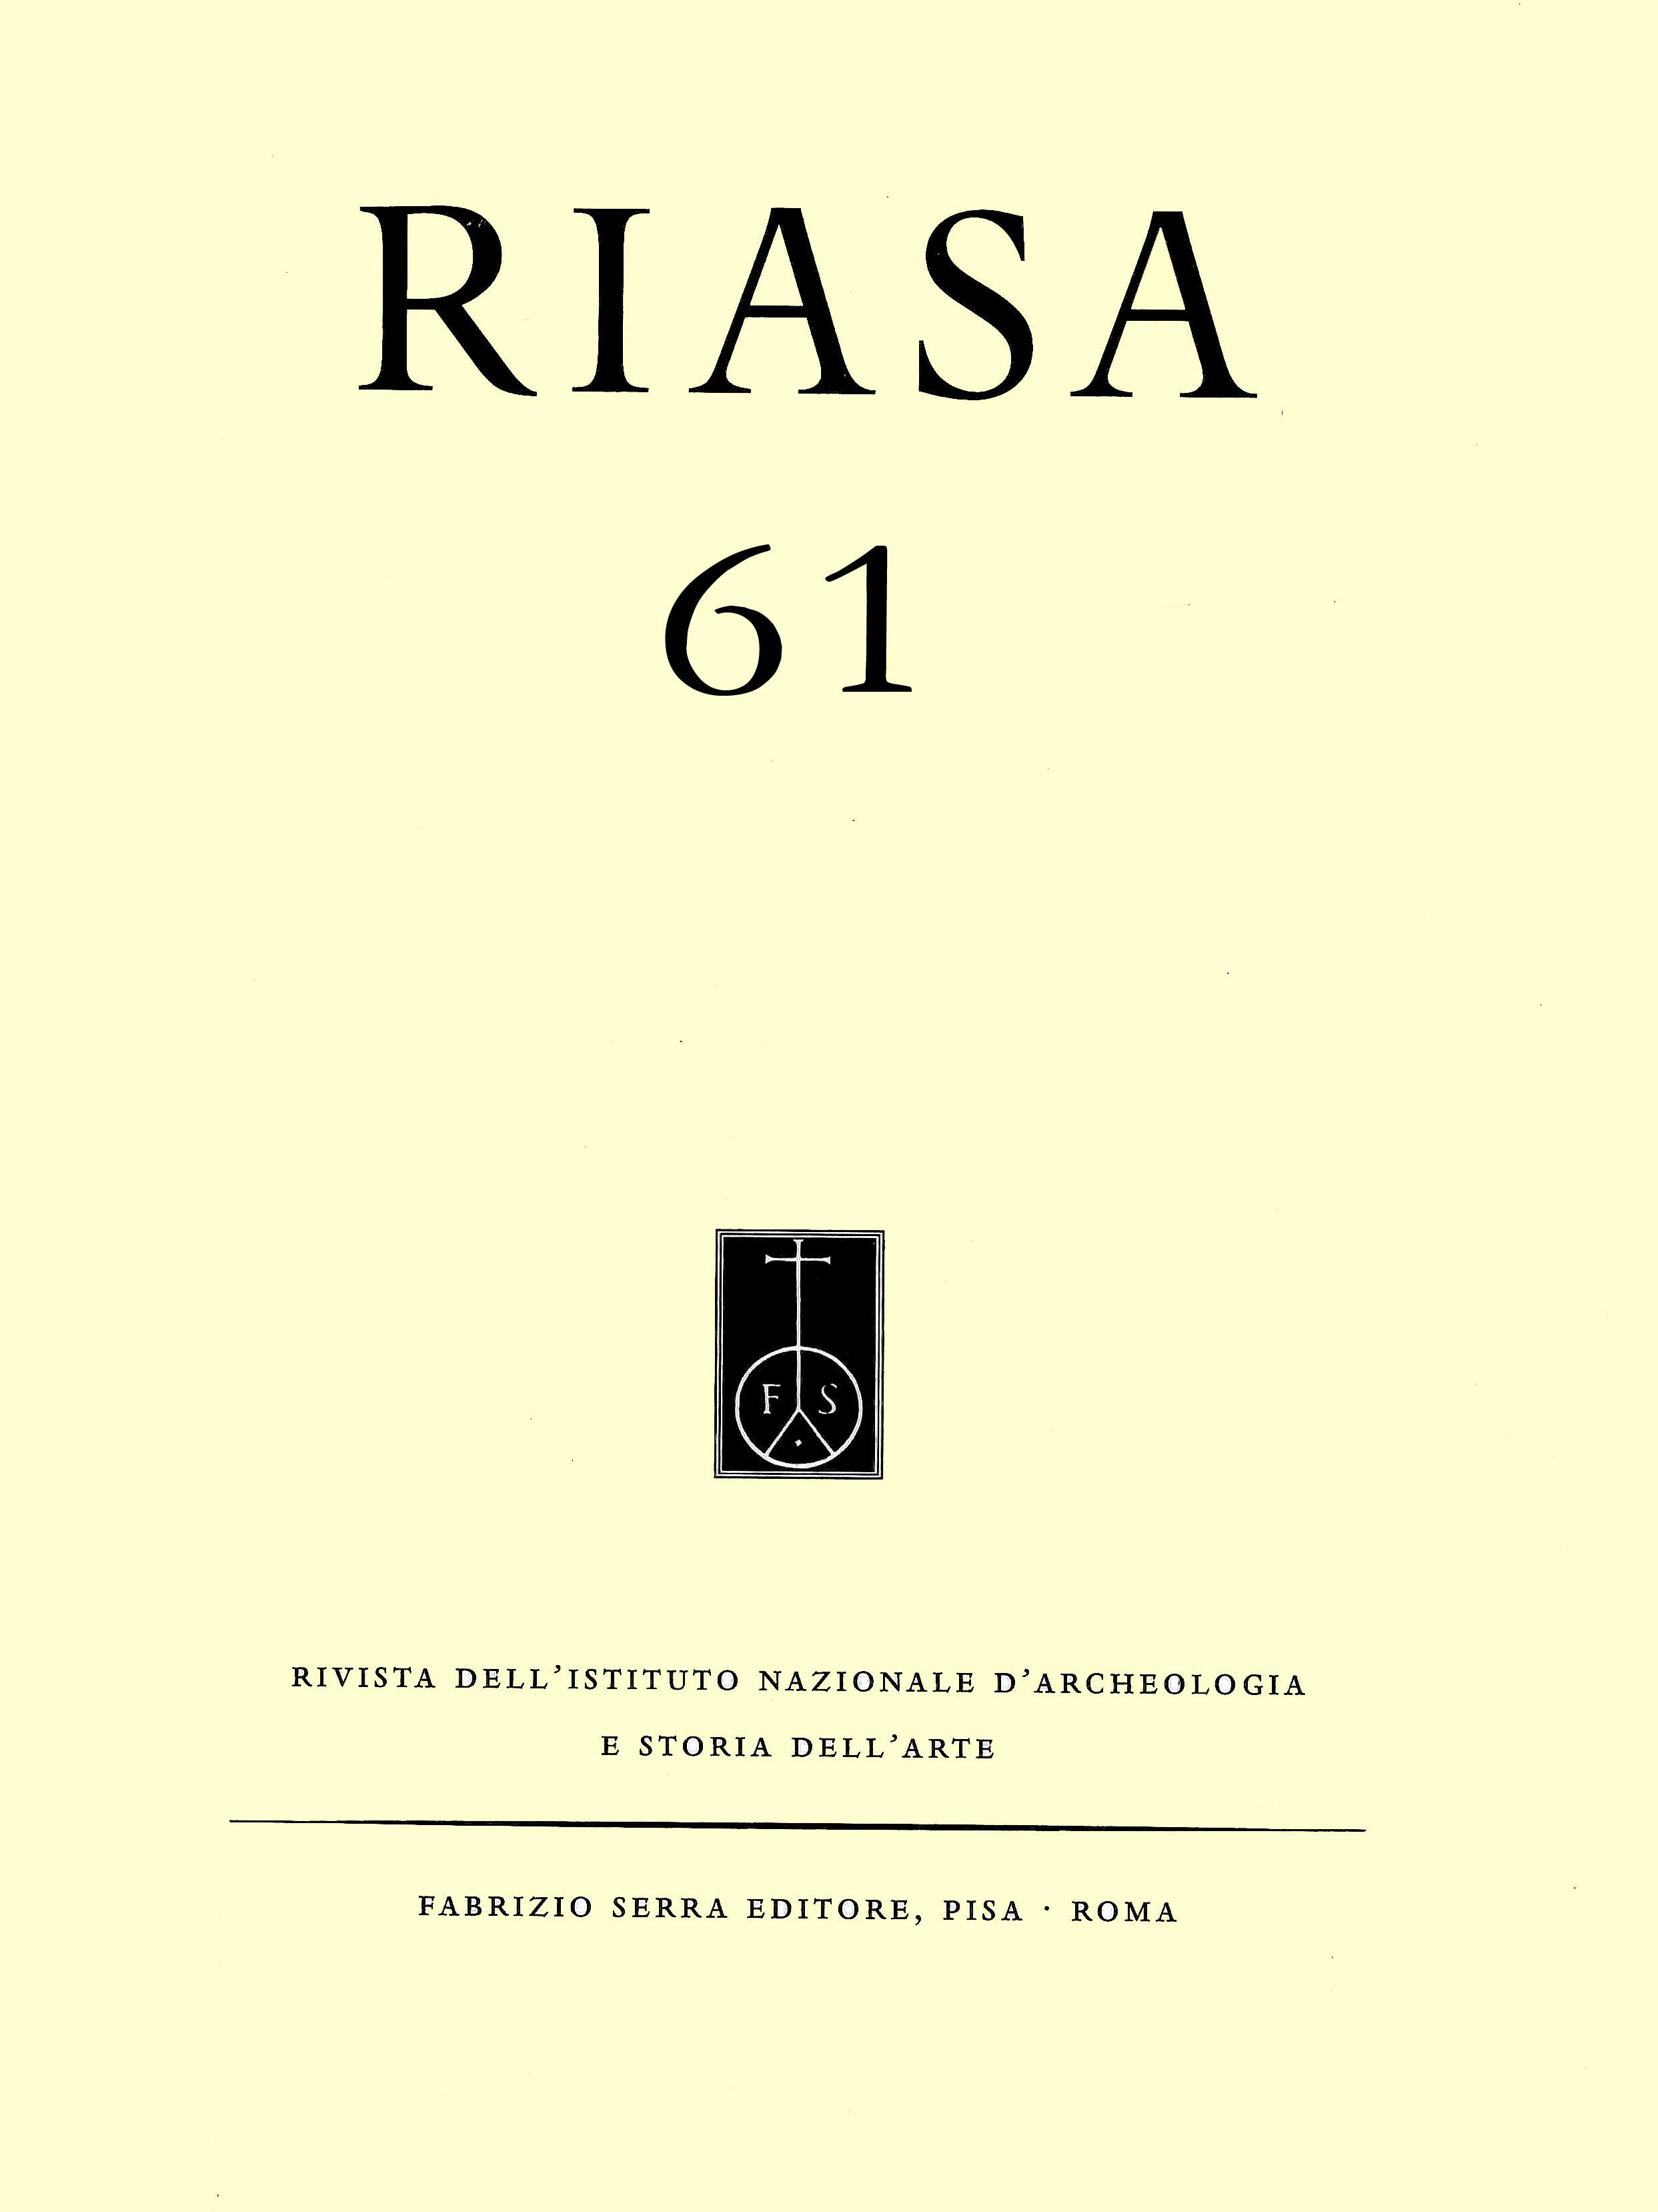 RIASA 61